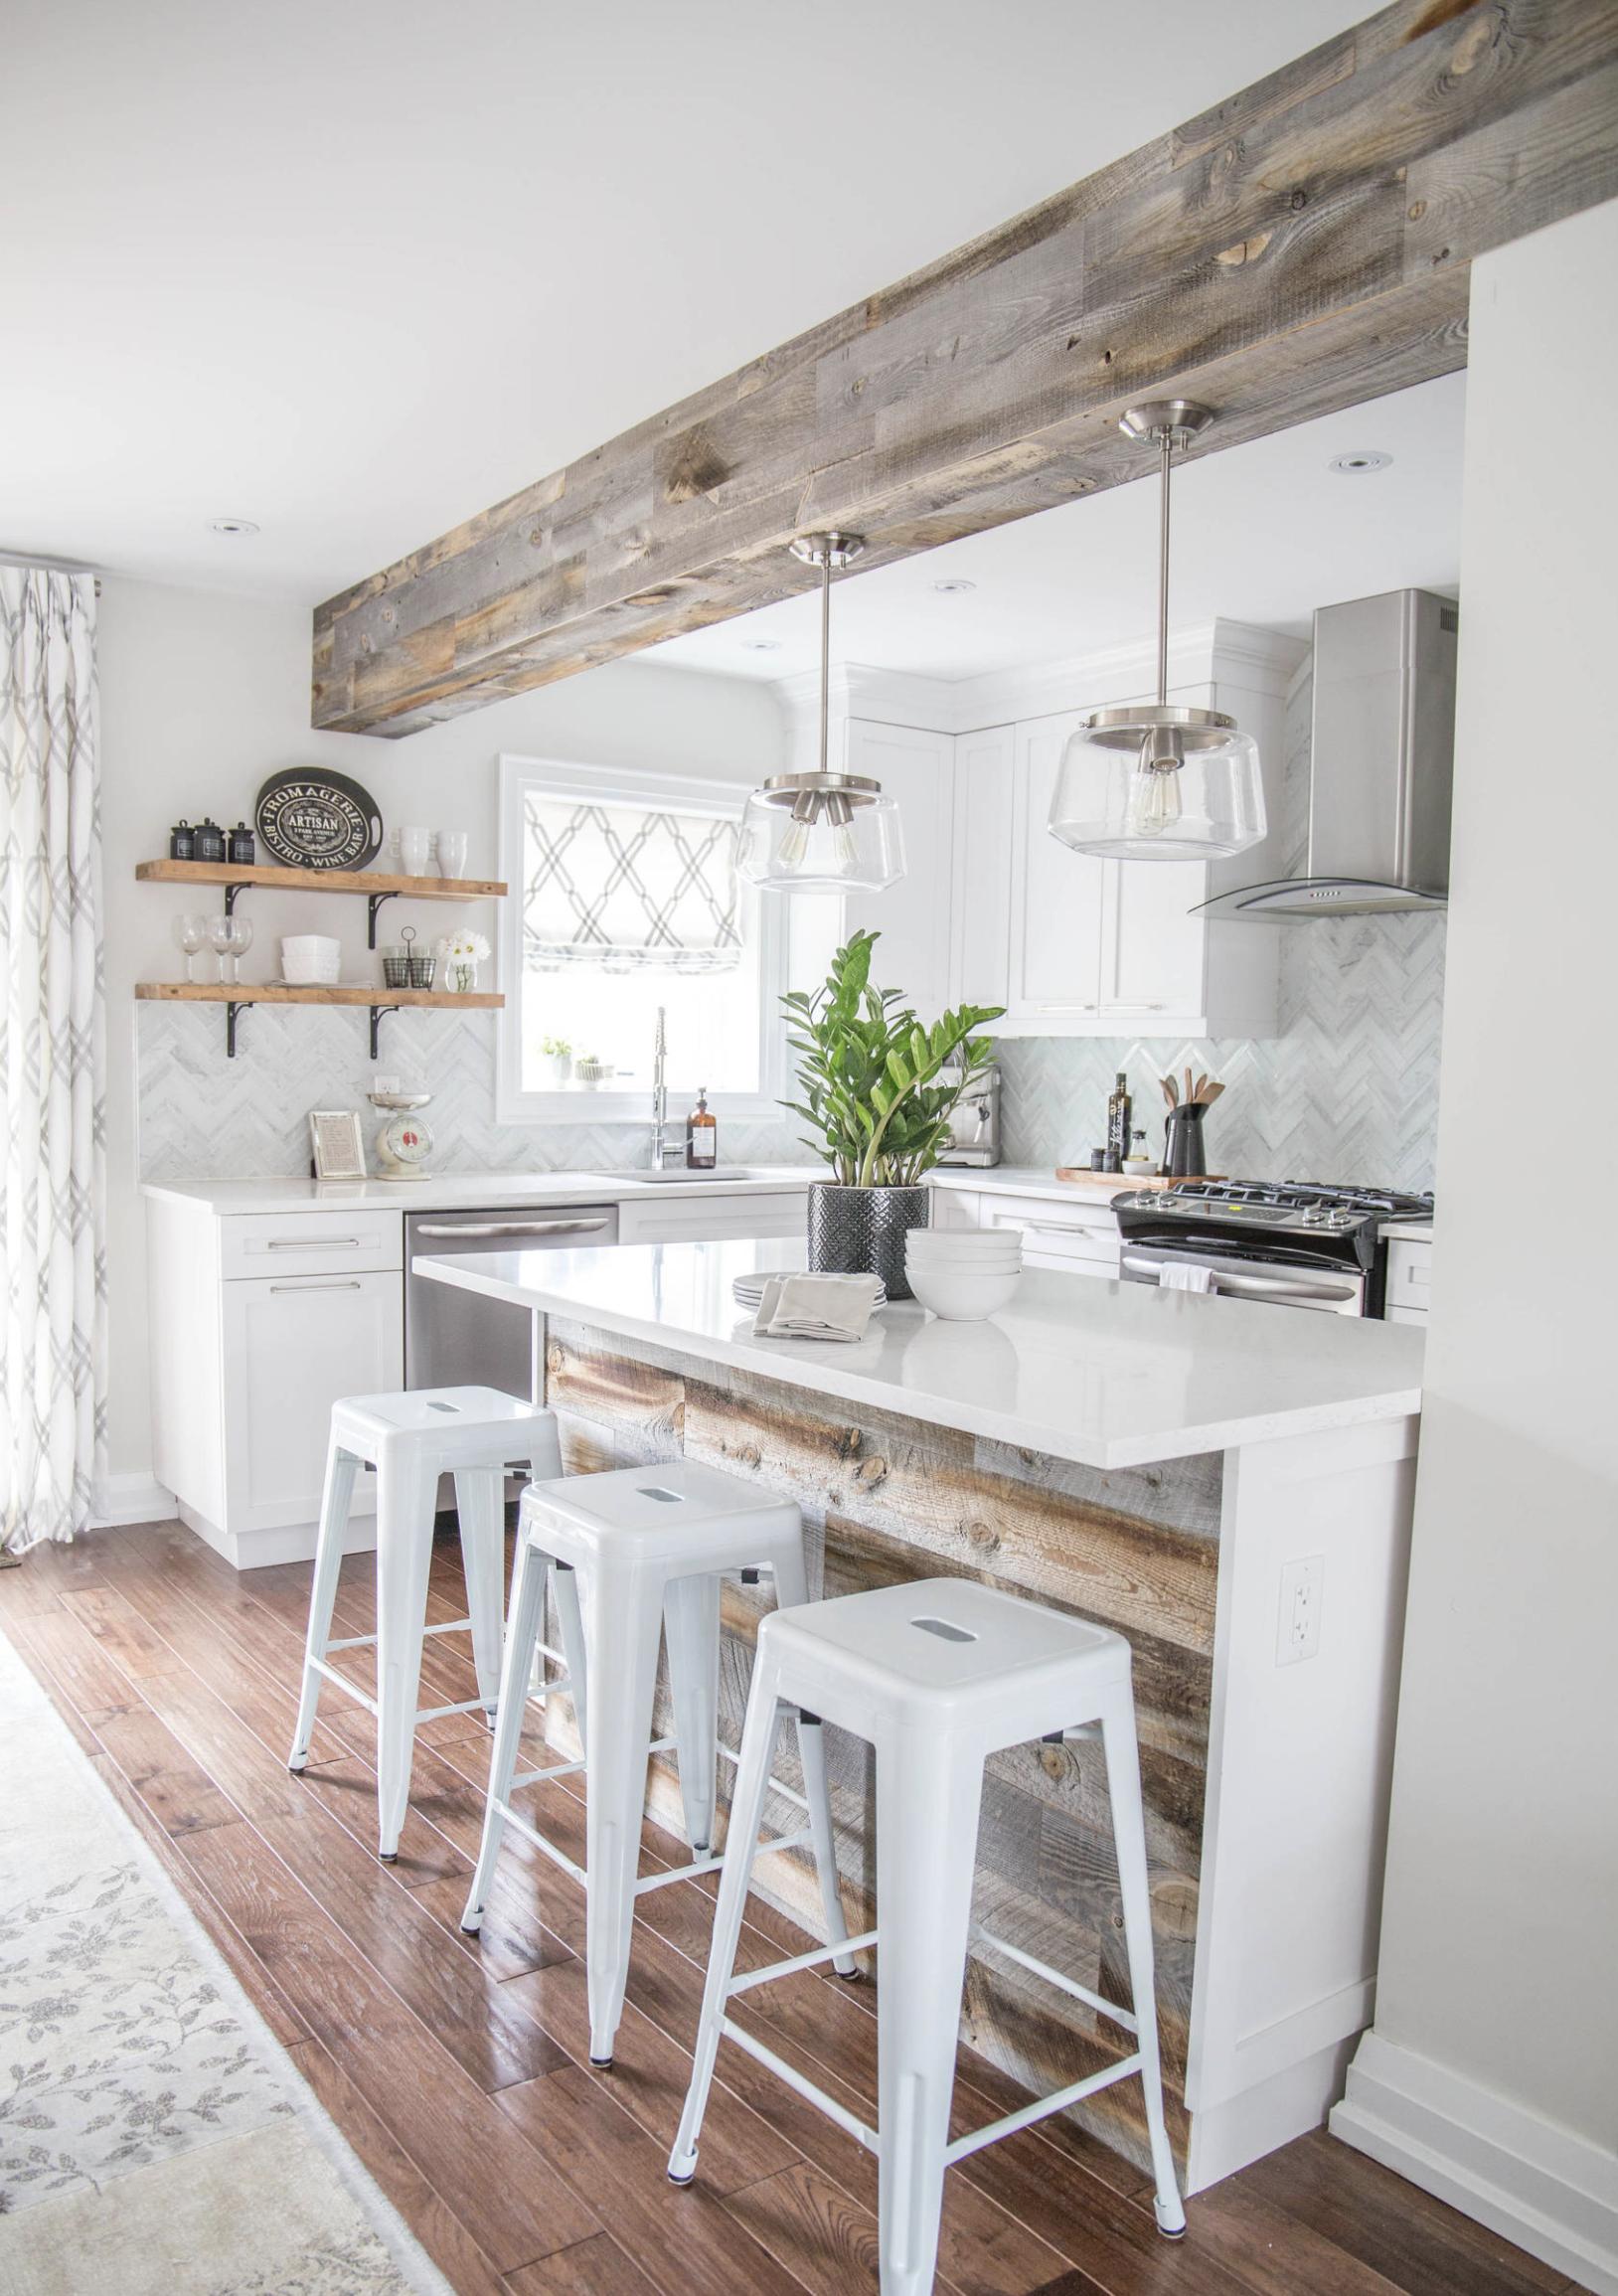 Küchenideen für weiße schränke use a rustic wooden beam to define the space between the kitchen and